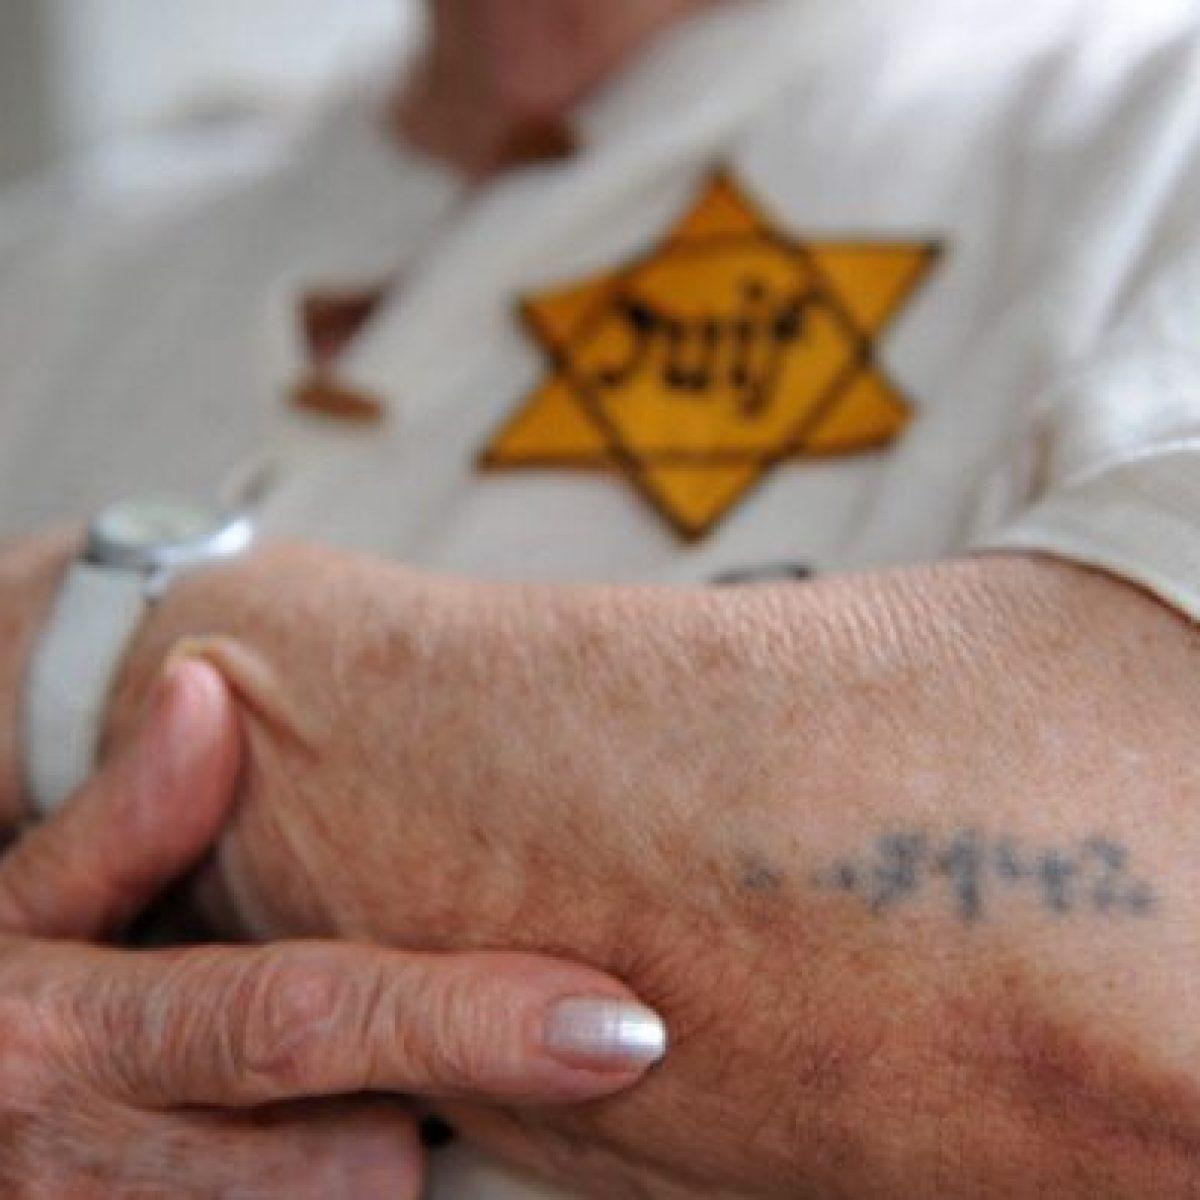 Giornata della memoria e i tatuaggi nazisti: l'inutile violenza secondo Primo Levi